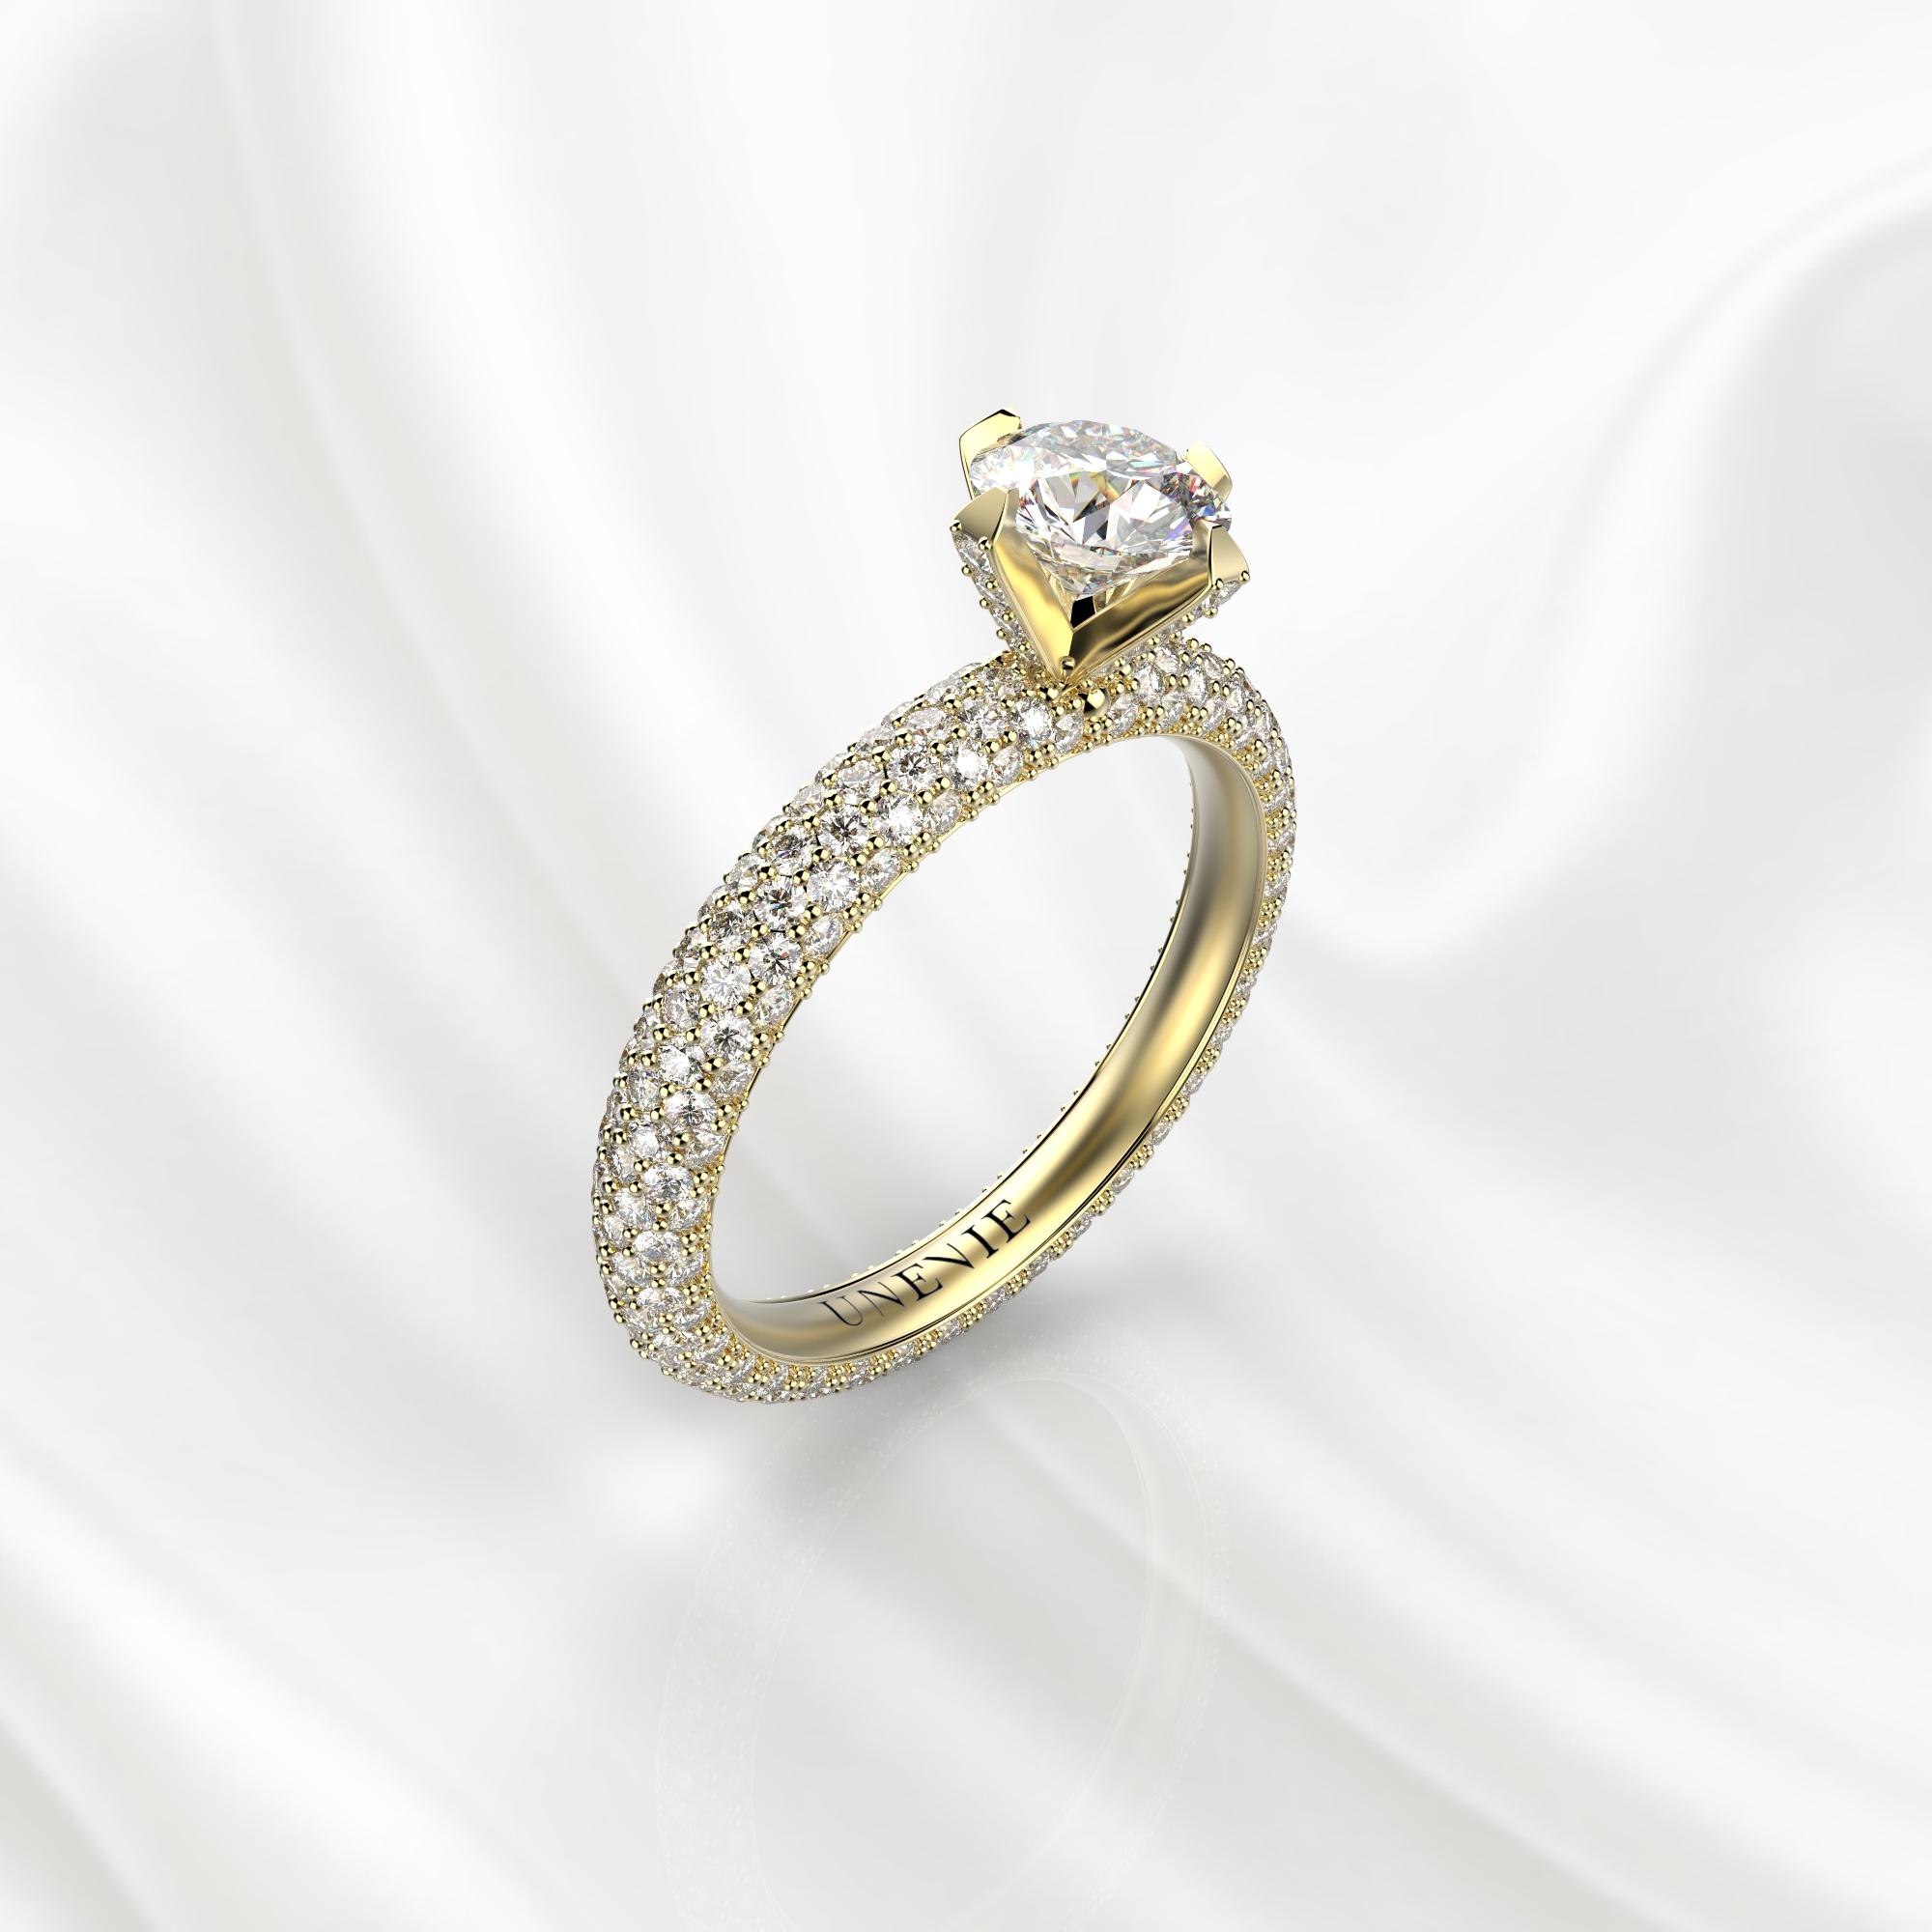 N25 Помолвочное кольцо из желтого золота с бриллиантами